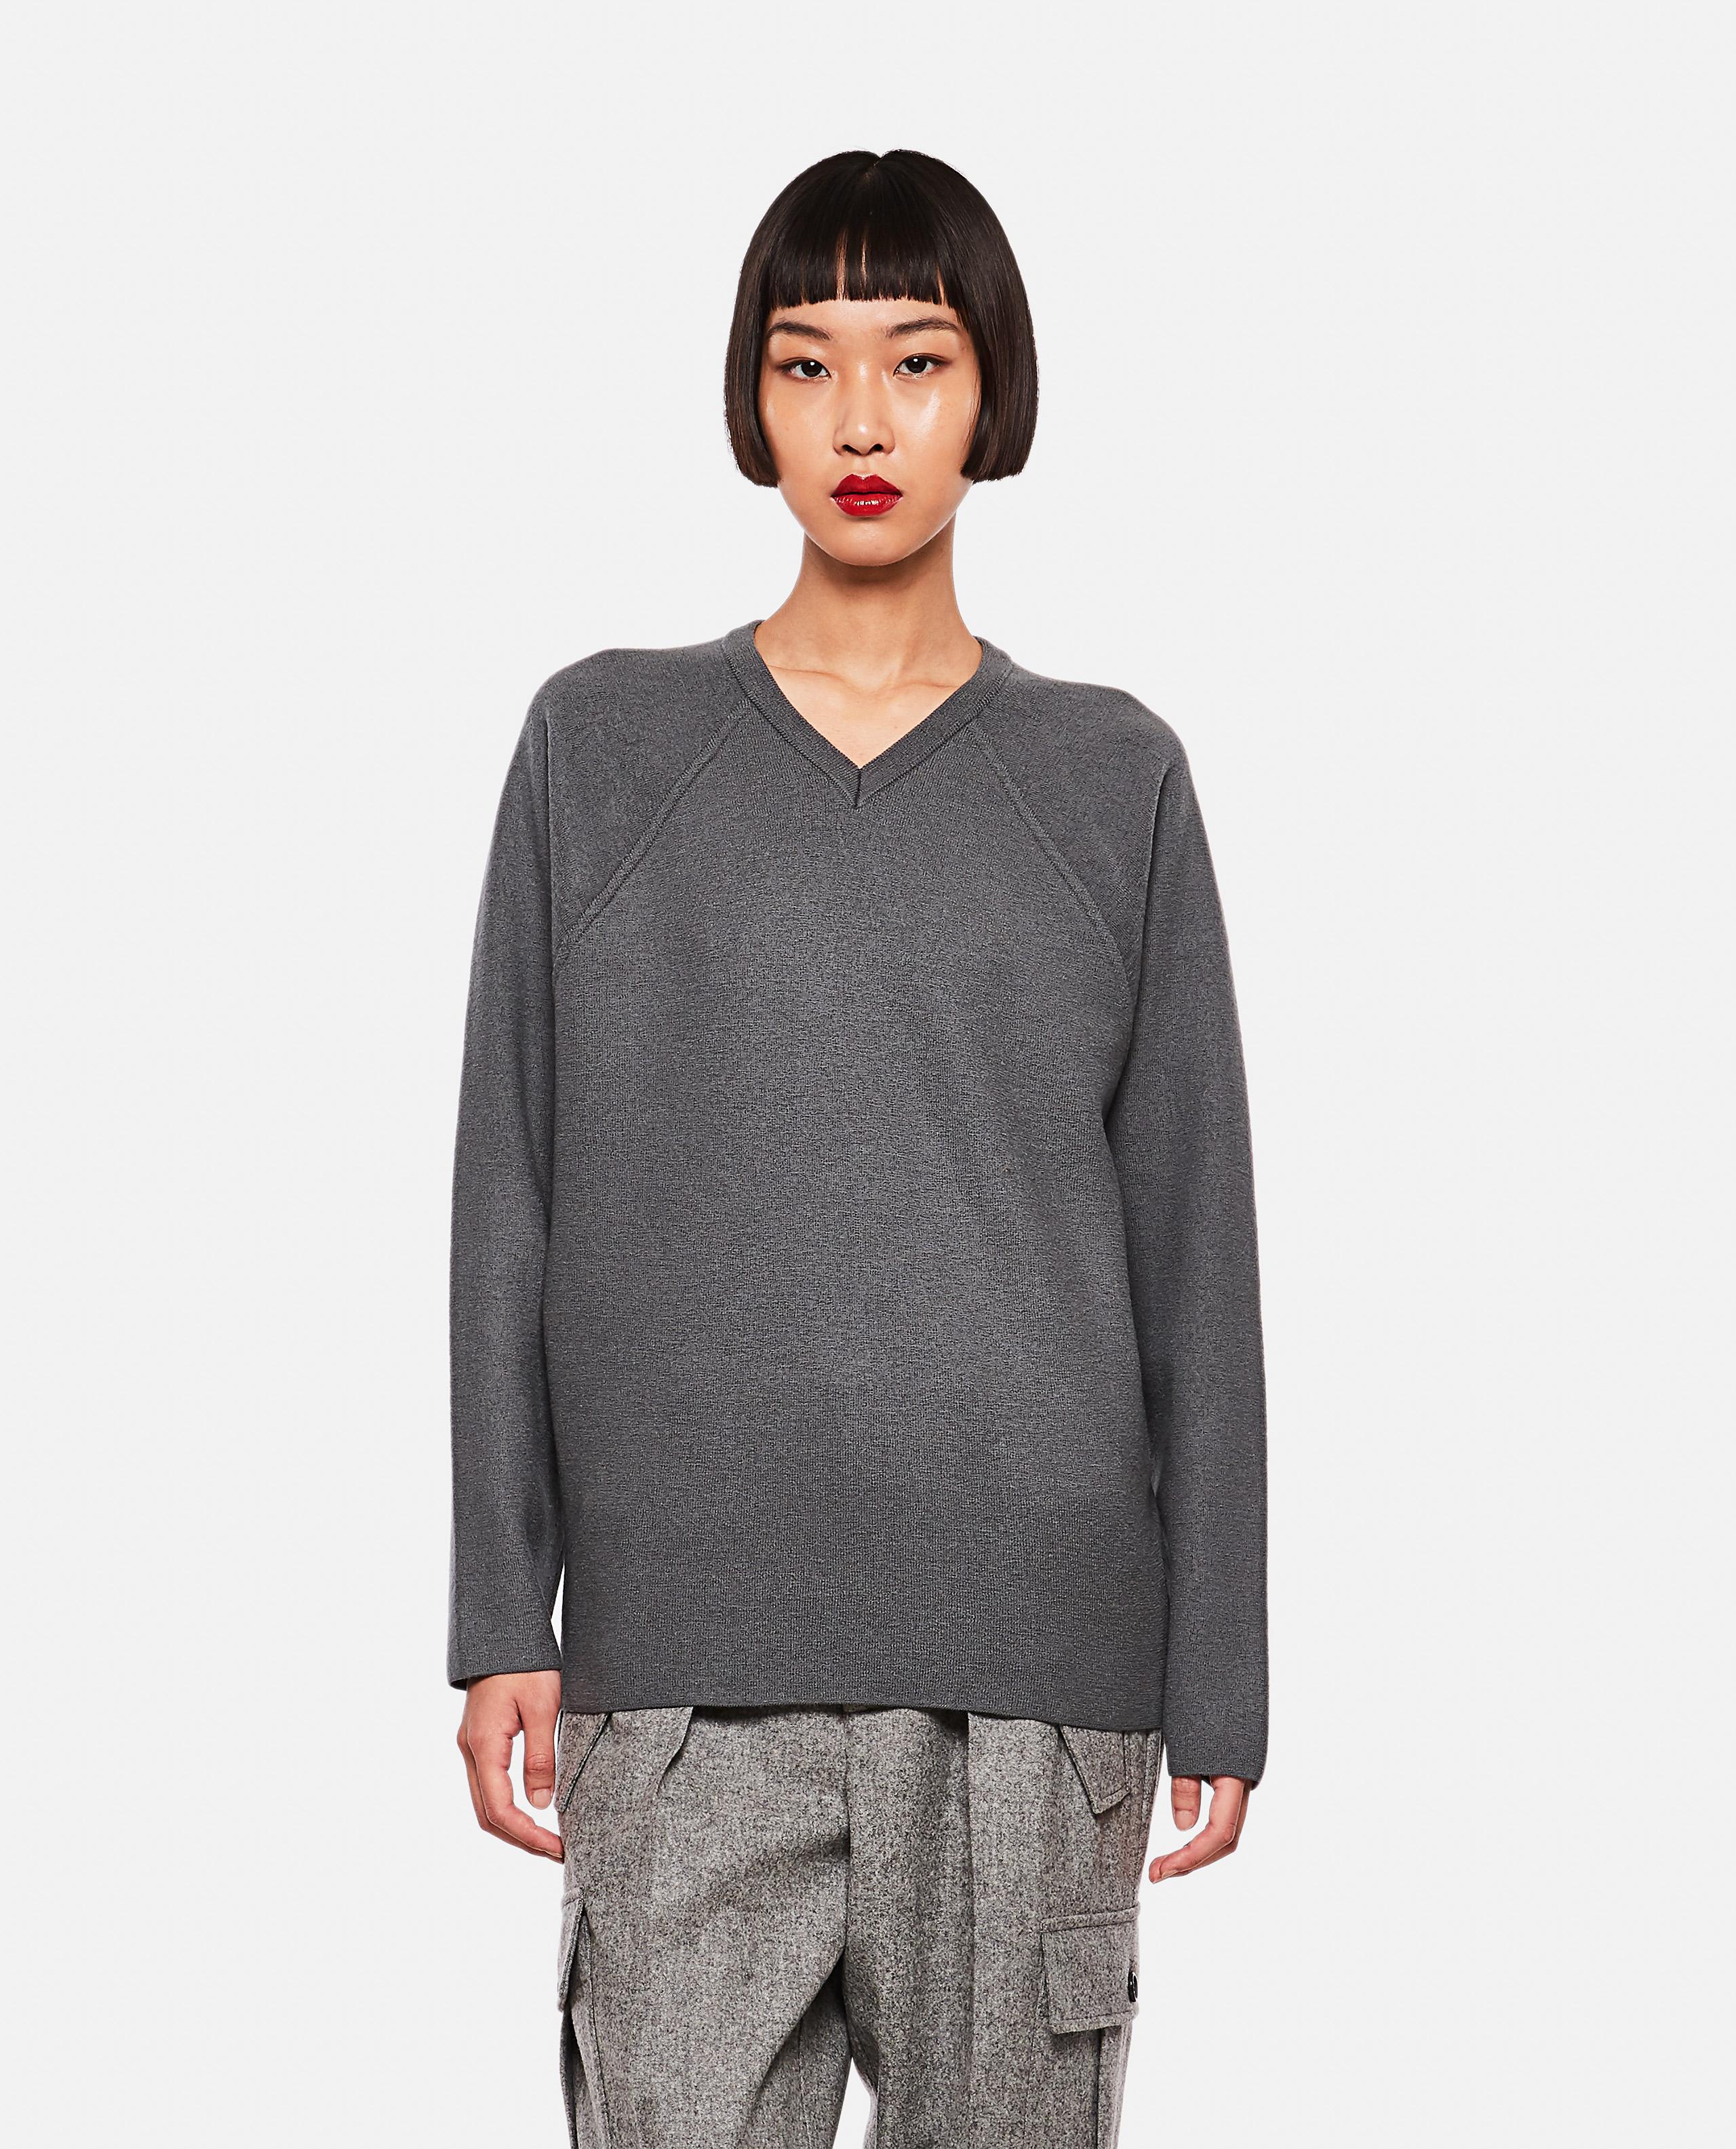 Long-sleeved v-neck sweater